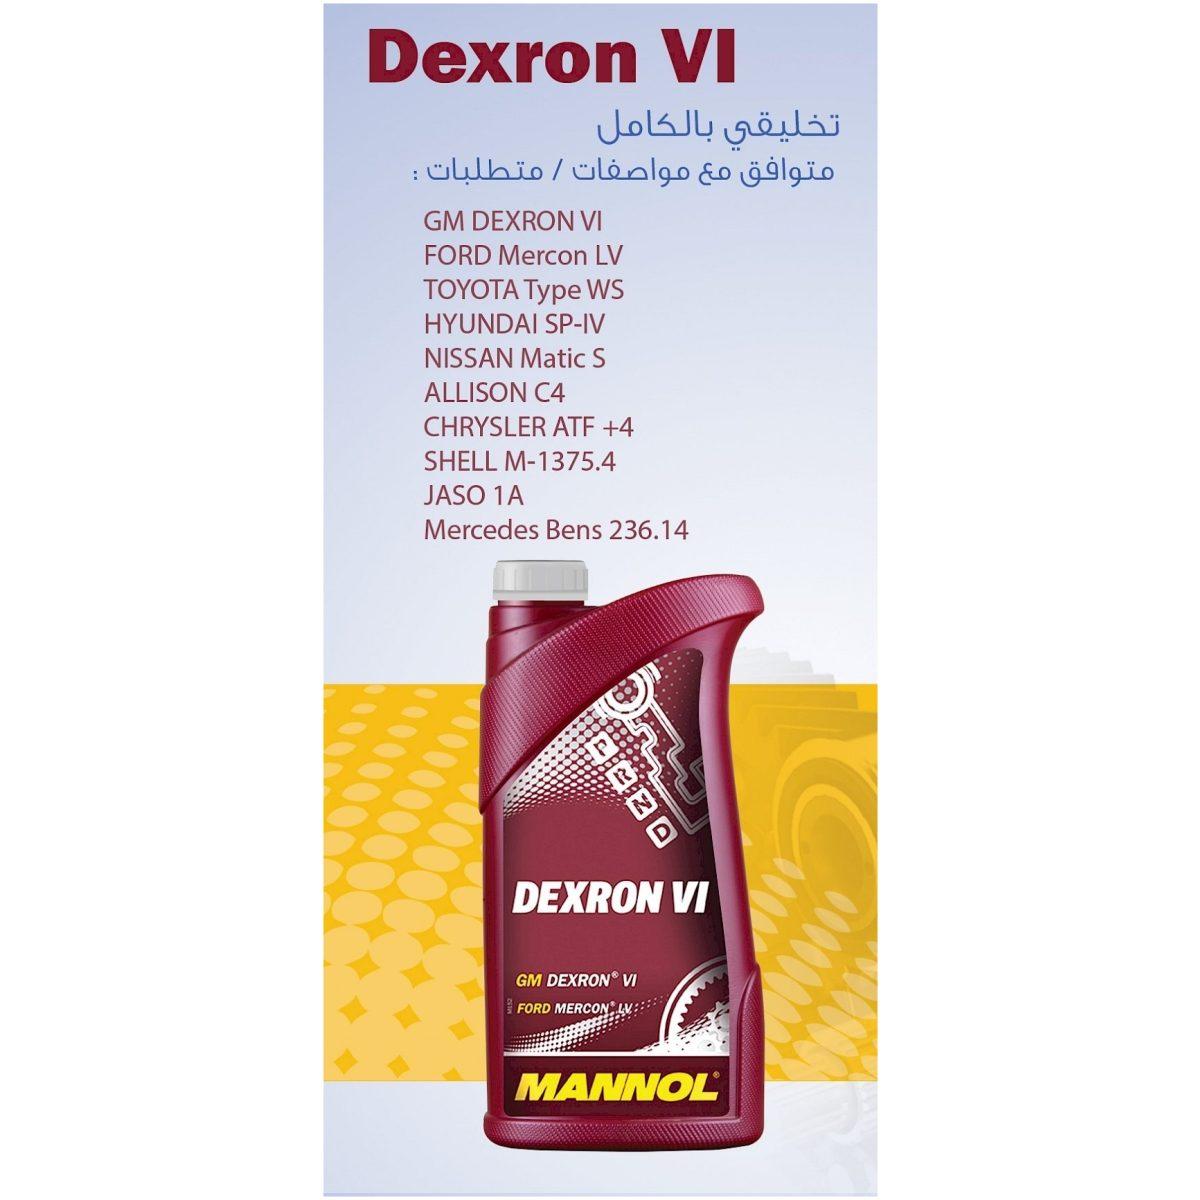 ديكسرون 6